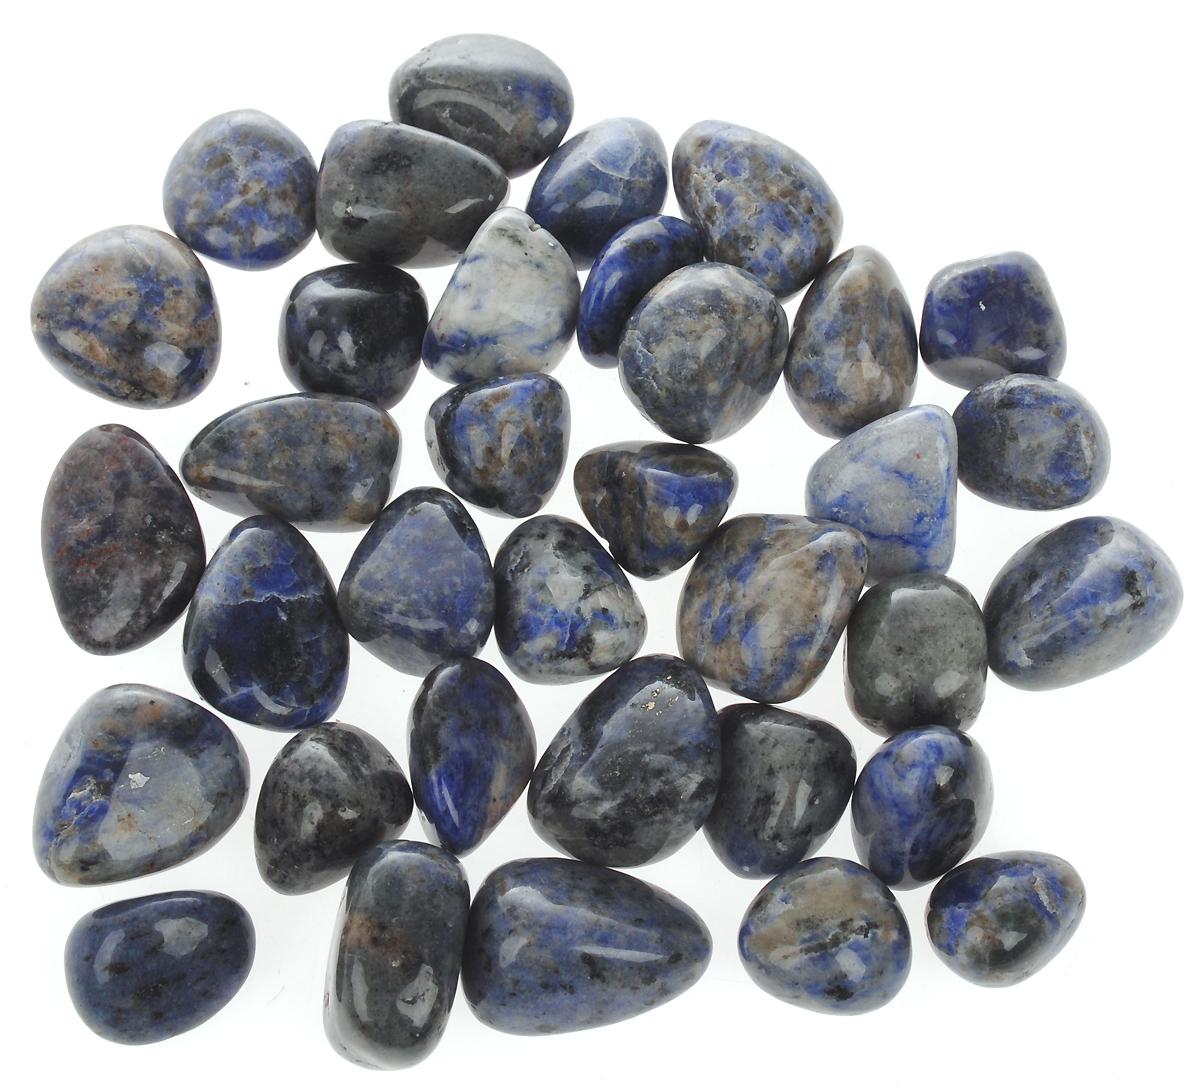 Кристаллы Lo Scarabeo Содалит. White spot, 500 гр. CR22CR22Камни в виде кристаллов могут использоваться в астрологических гаданиях, а также как амулет или талисман. В зависимости от свойств камня можно выбирать и принцип его применения. Обращаем ваше внимание, что упаковка может содержать различное количество кристаллов (20-35 штук).